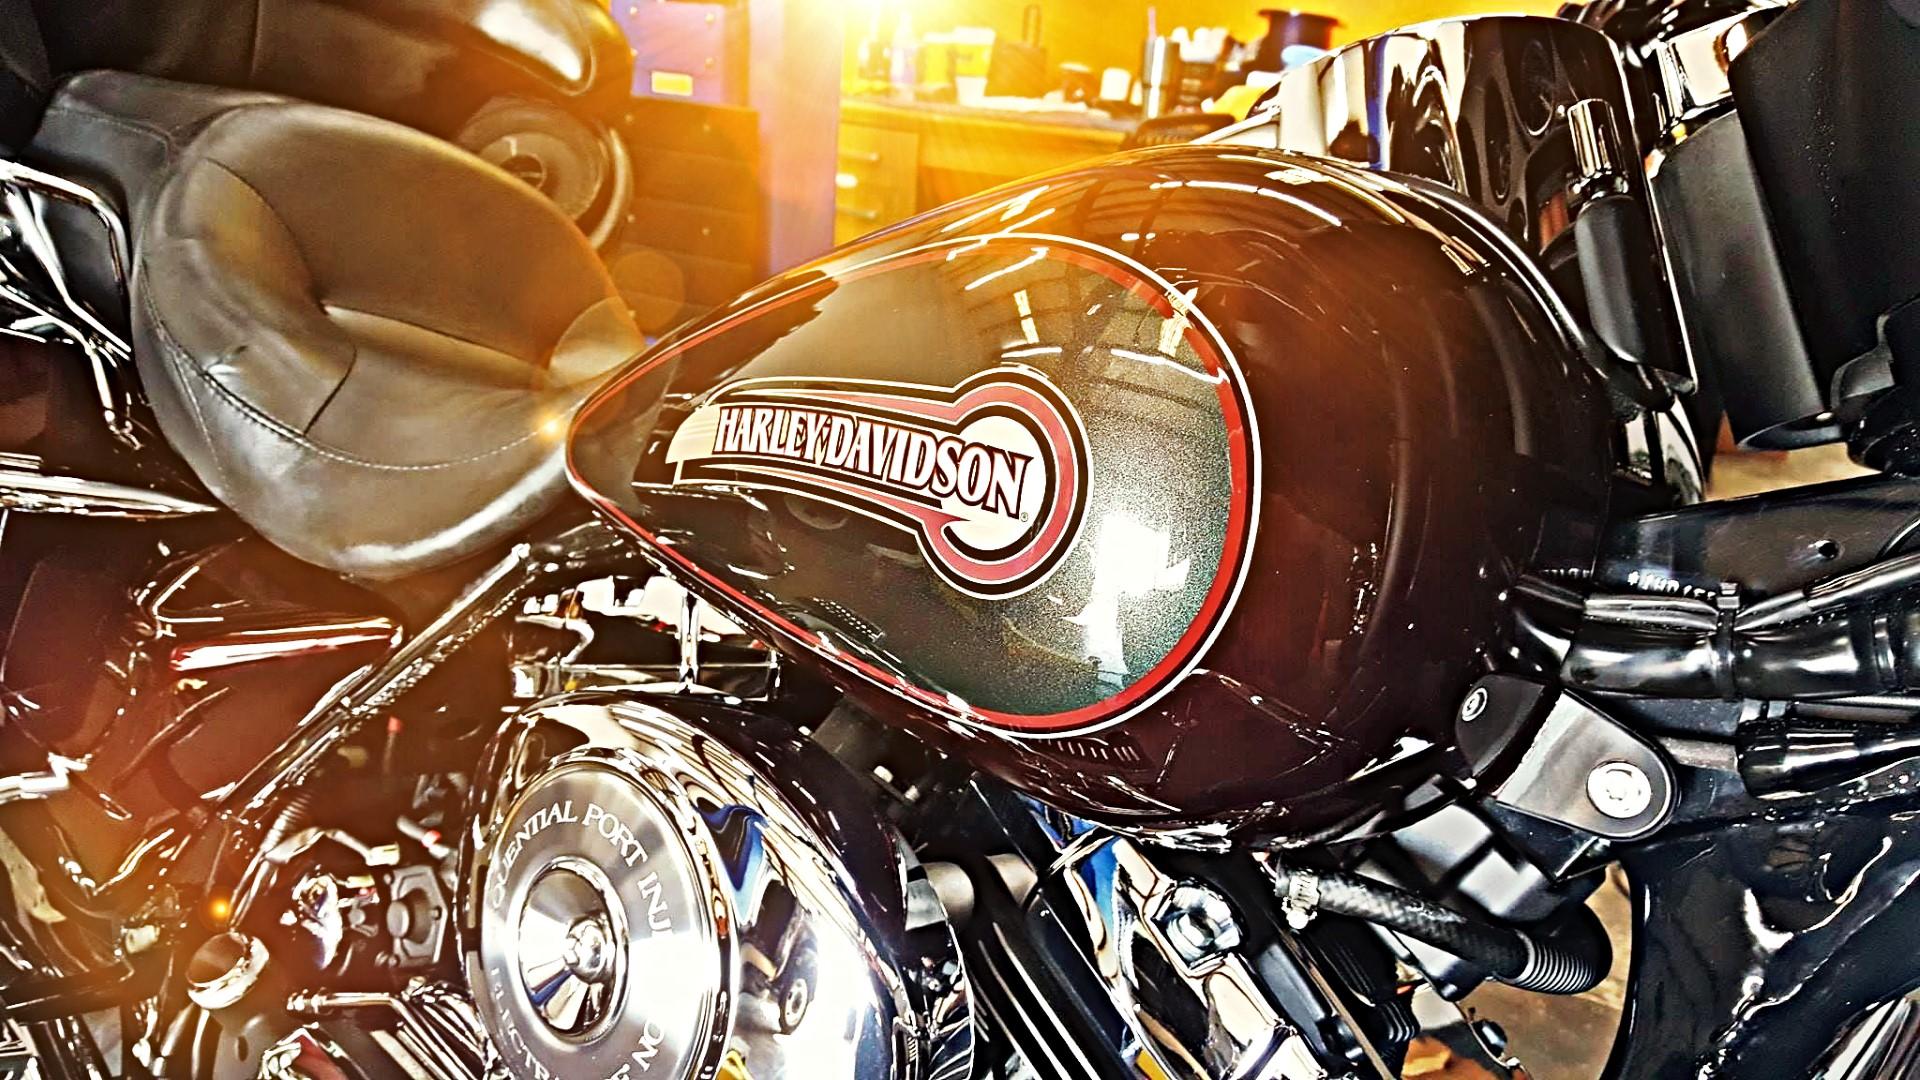 System X Ceramic Coating on Motorcyle | NVUS